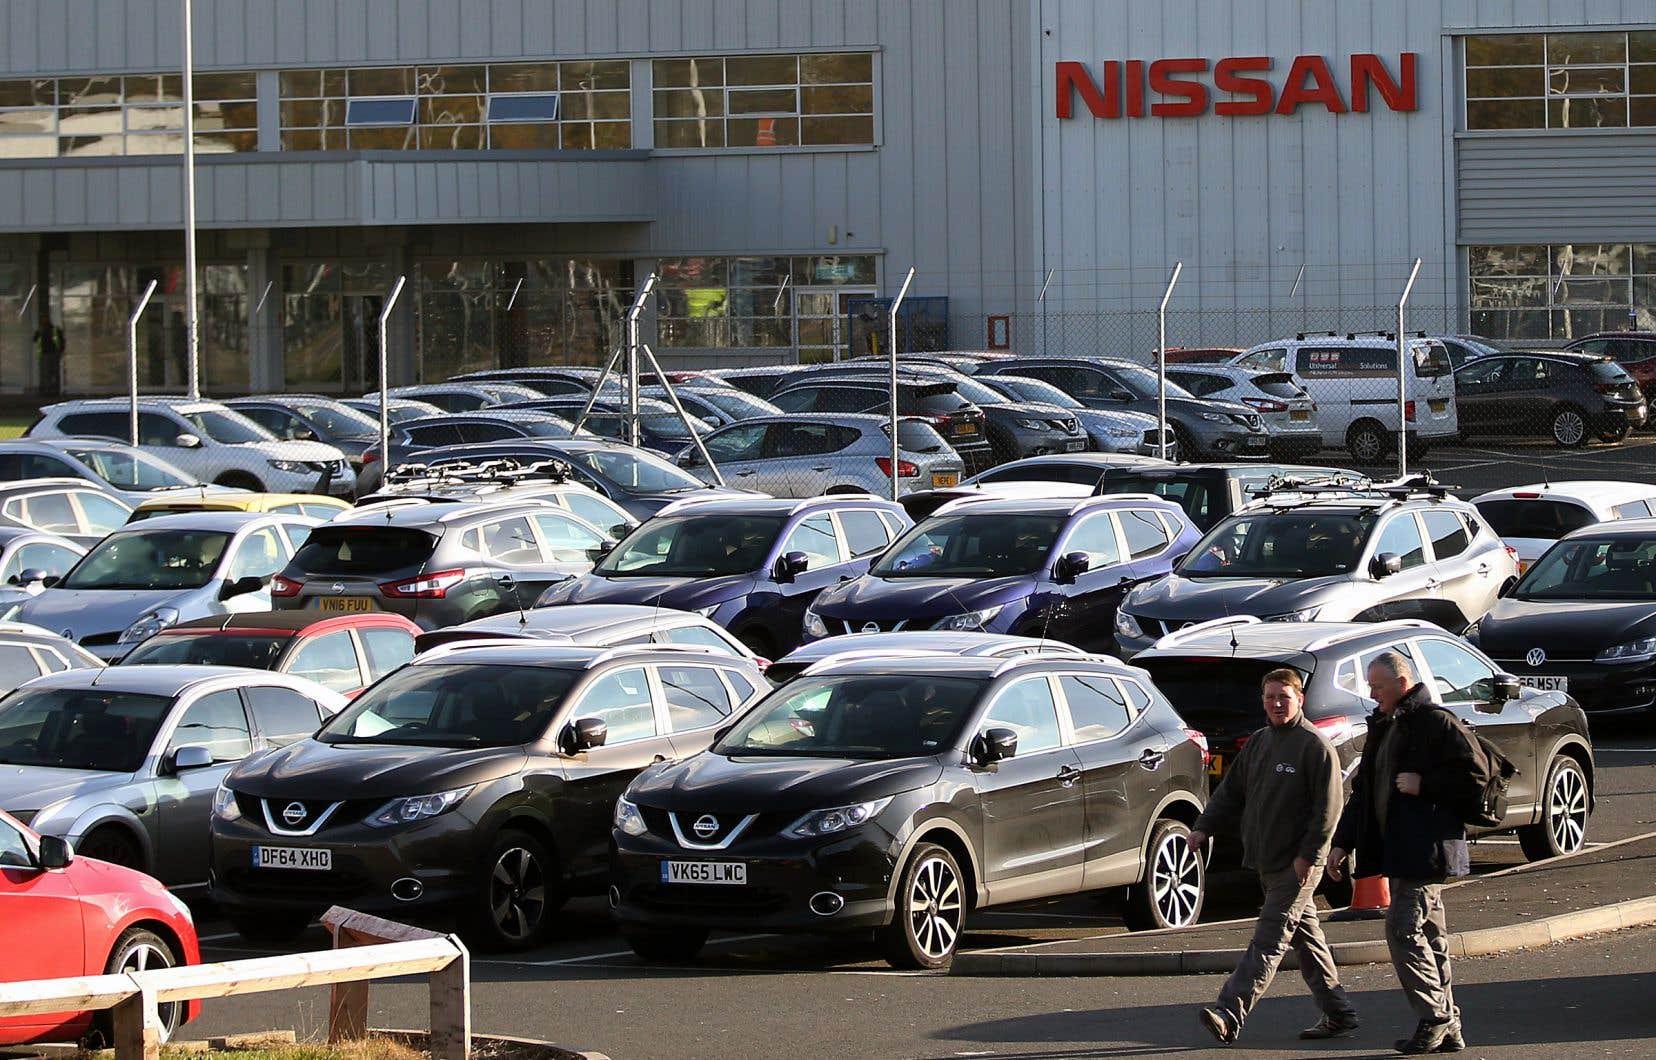 L'usine Nissan de Sunderland au Royaume-Uni. Début février, le constructeur a annoncé qu'il revenait sur sa décision d'assembler son crossover X-Trail pour le marché européen dans cette gigantesque usine.